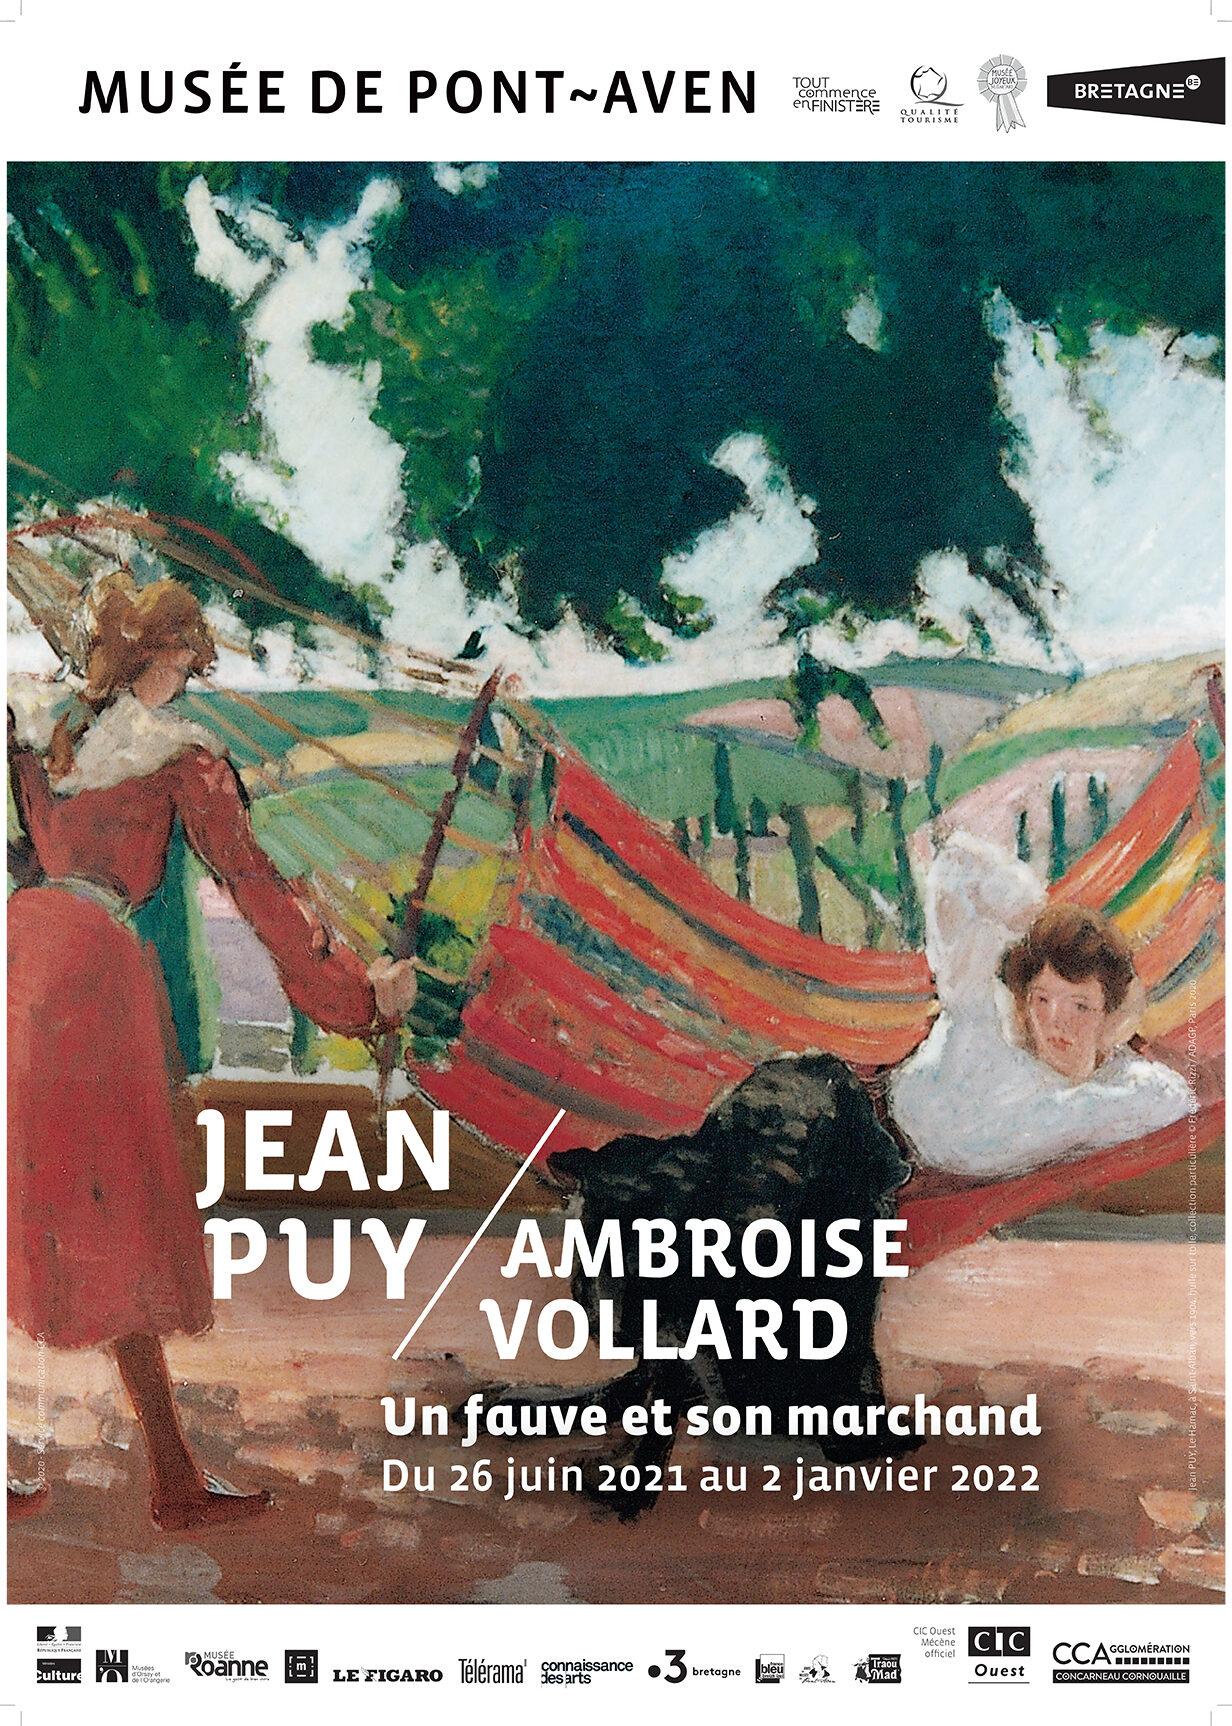 Exposition Jean Puy / Ambroise Vollard – Un fauve et son marchand